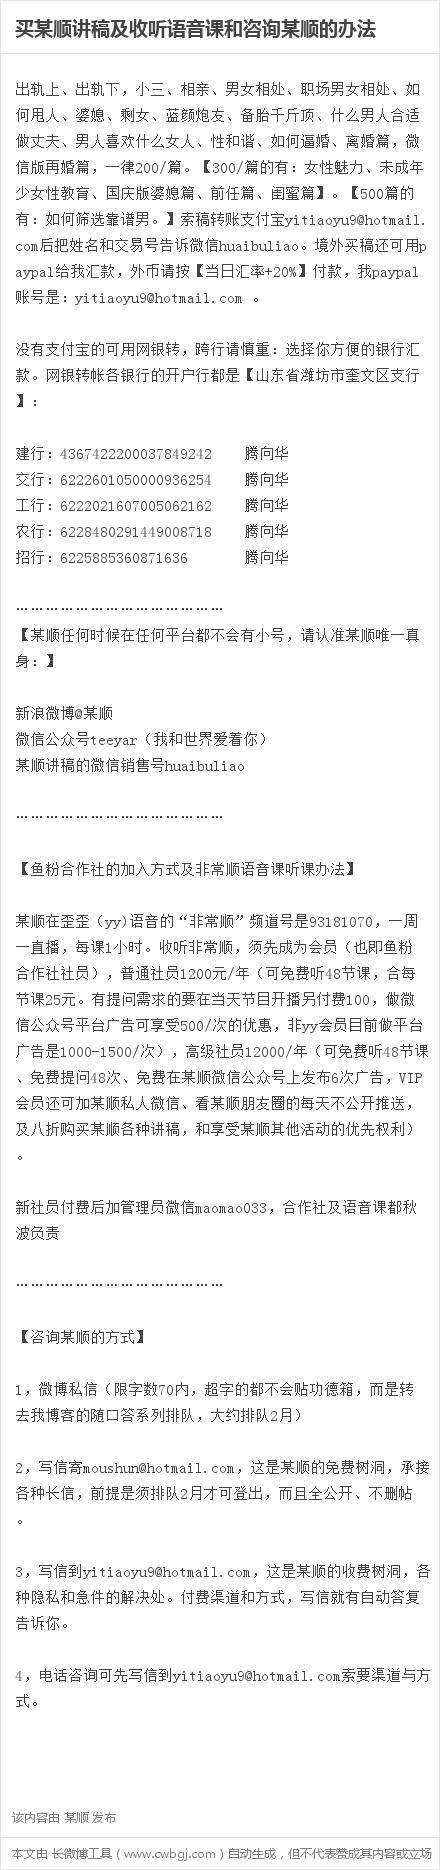 傲游问答第七期 - yushunshun - 鱼顺顺的博客